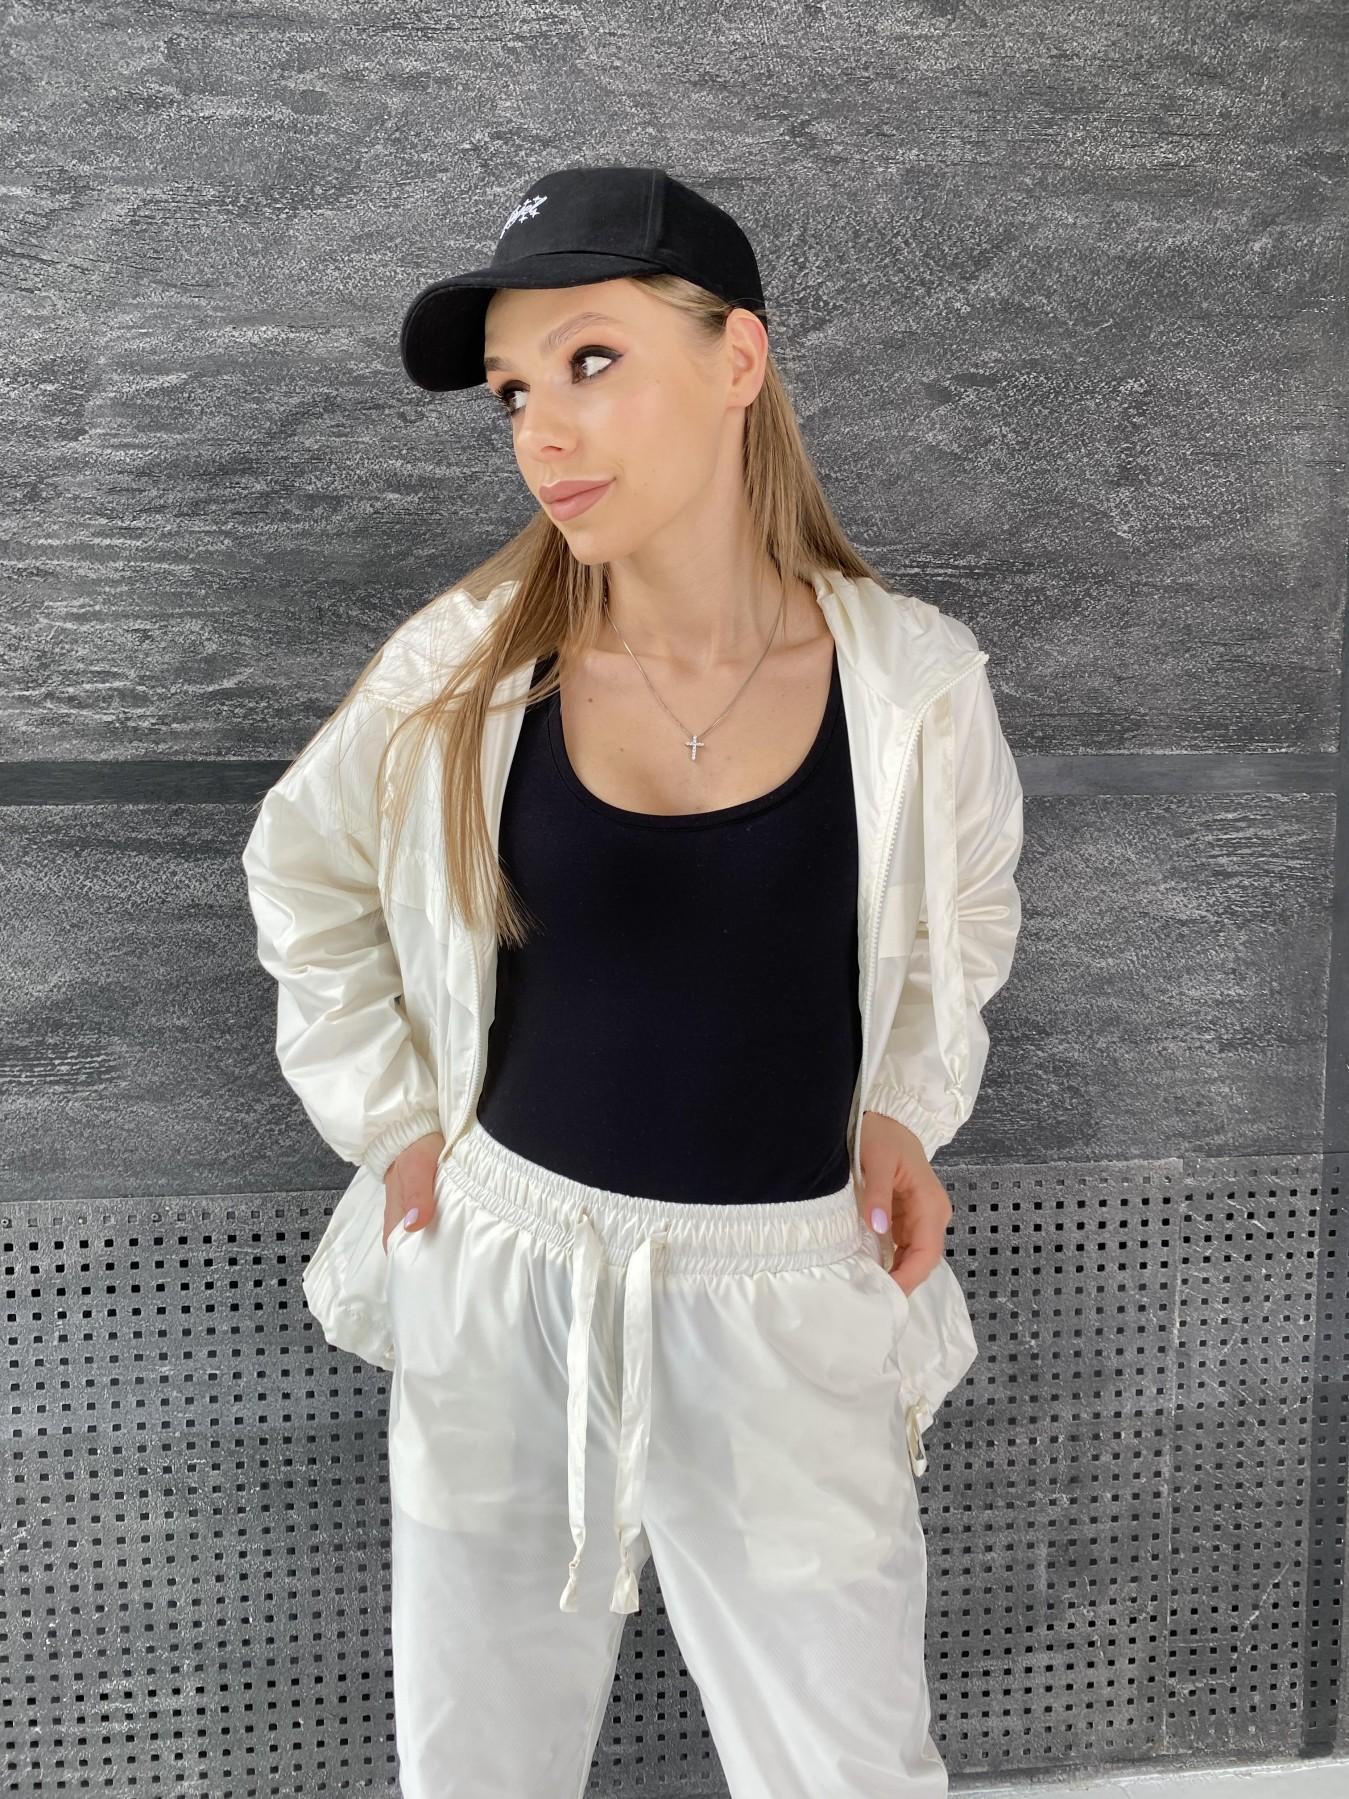 Фит костюм из плащевой ткани 11048 АРТ. 47533 Цвет: Молоко - фото 8, интернет магазин tm-modus.ru